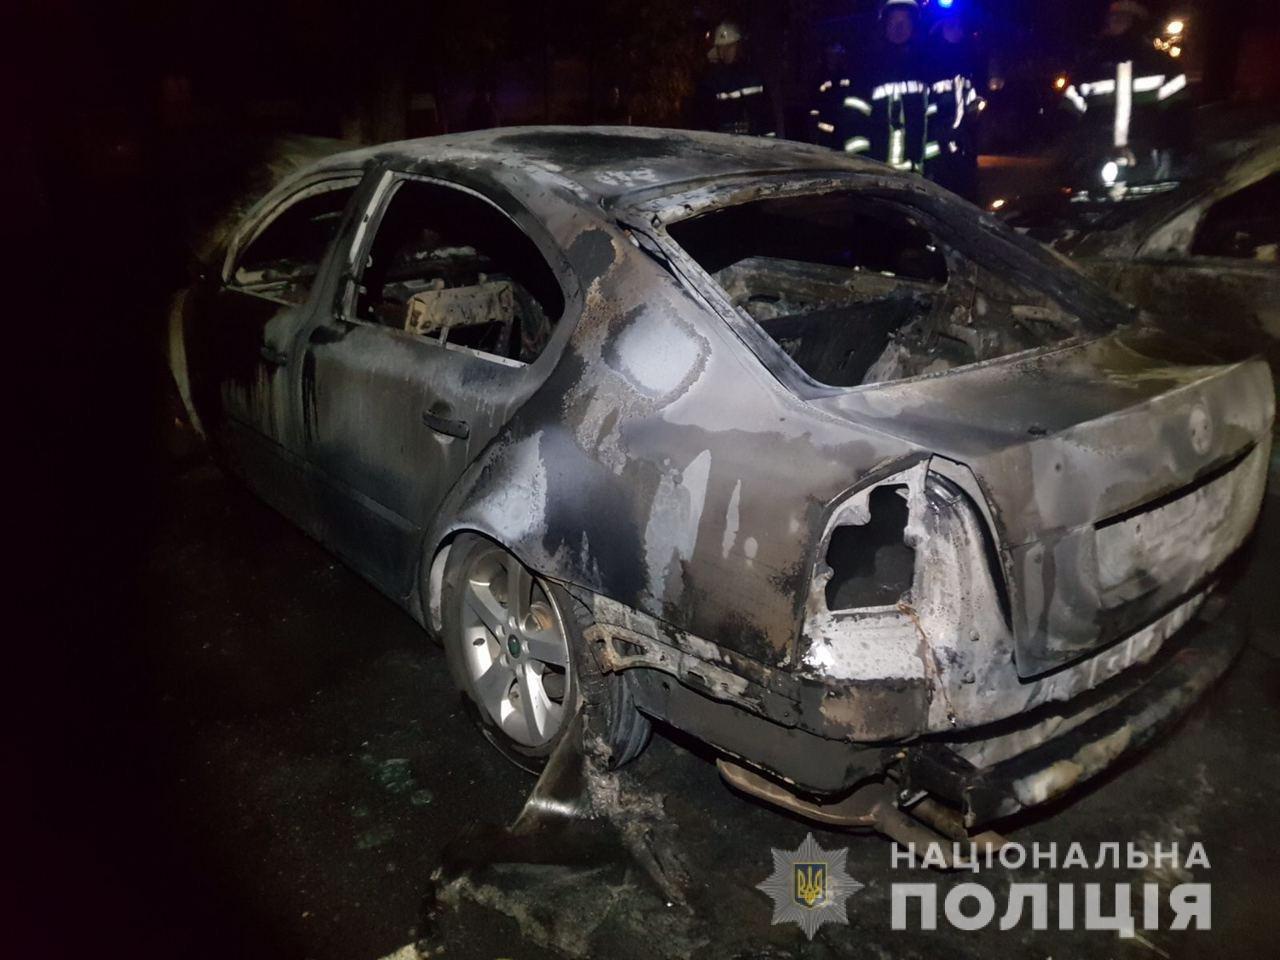 Сгоревшие авто возле охраняемой парковки в Харькове: в полиции рассказали подробности, - ФОТО, фото-3